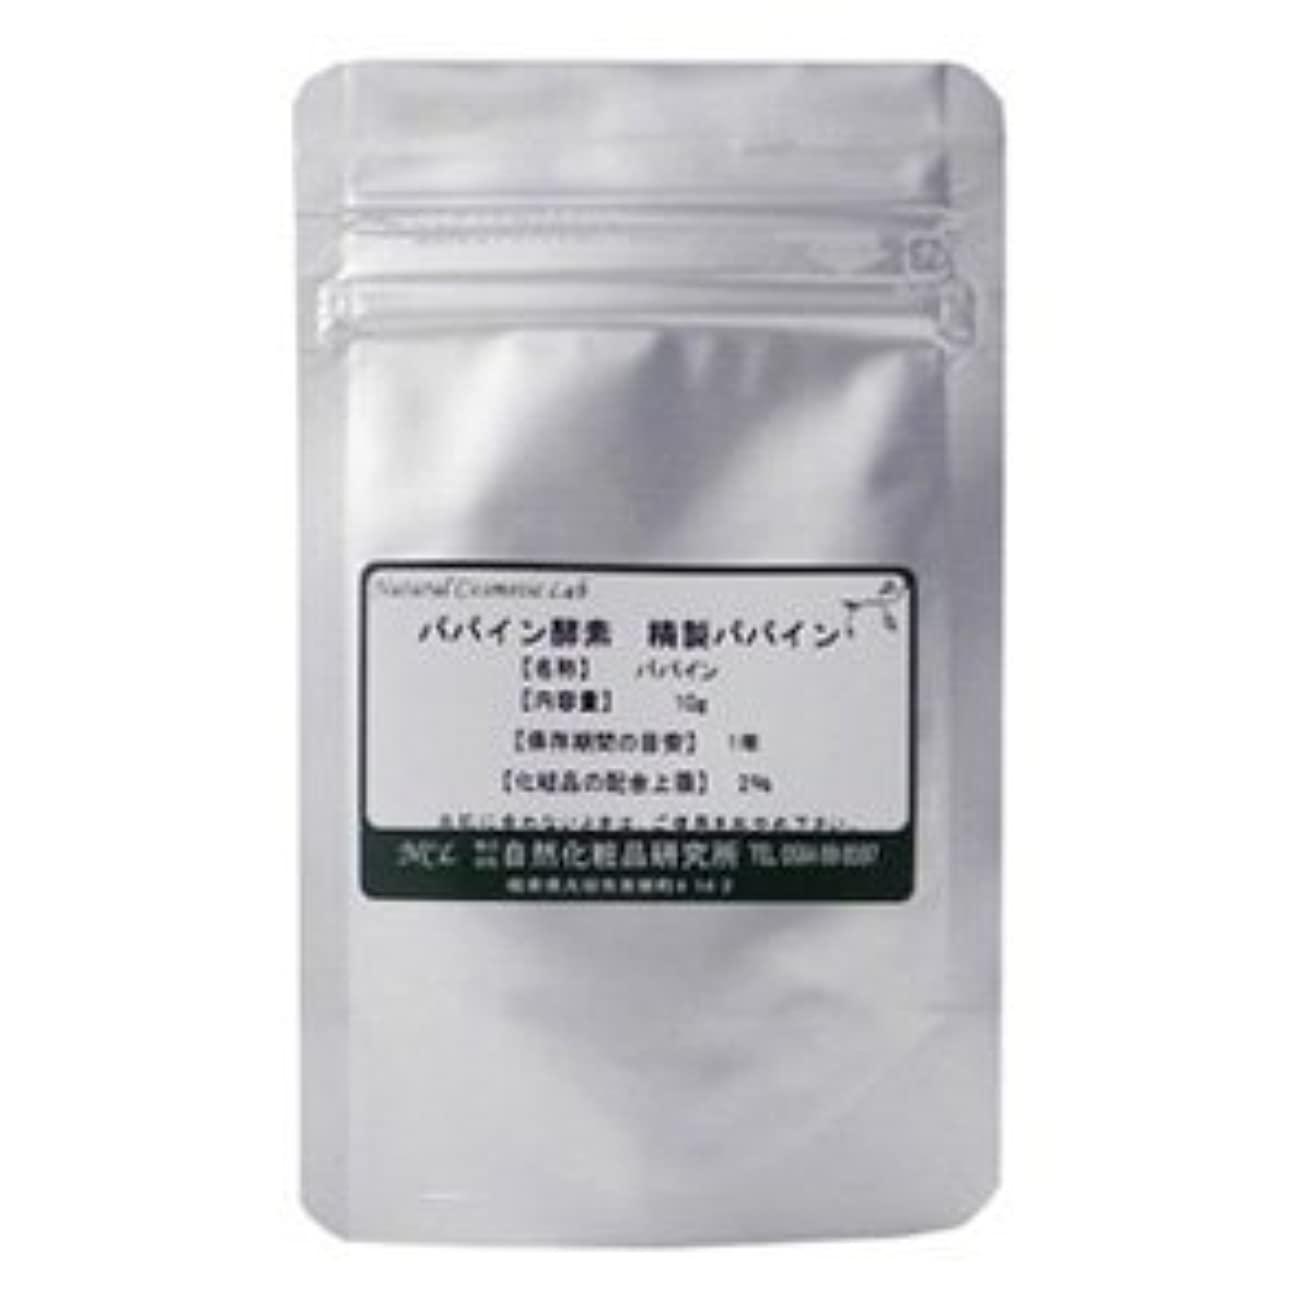 吸収シャンプー病的パパイン酵素 精製パパイン 10g 【手作り化粧品原料】